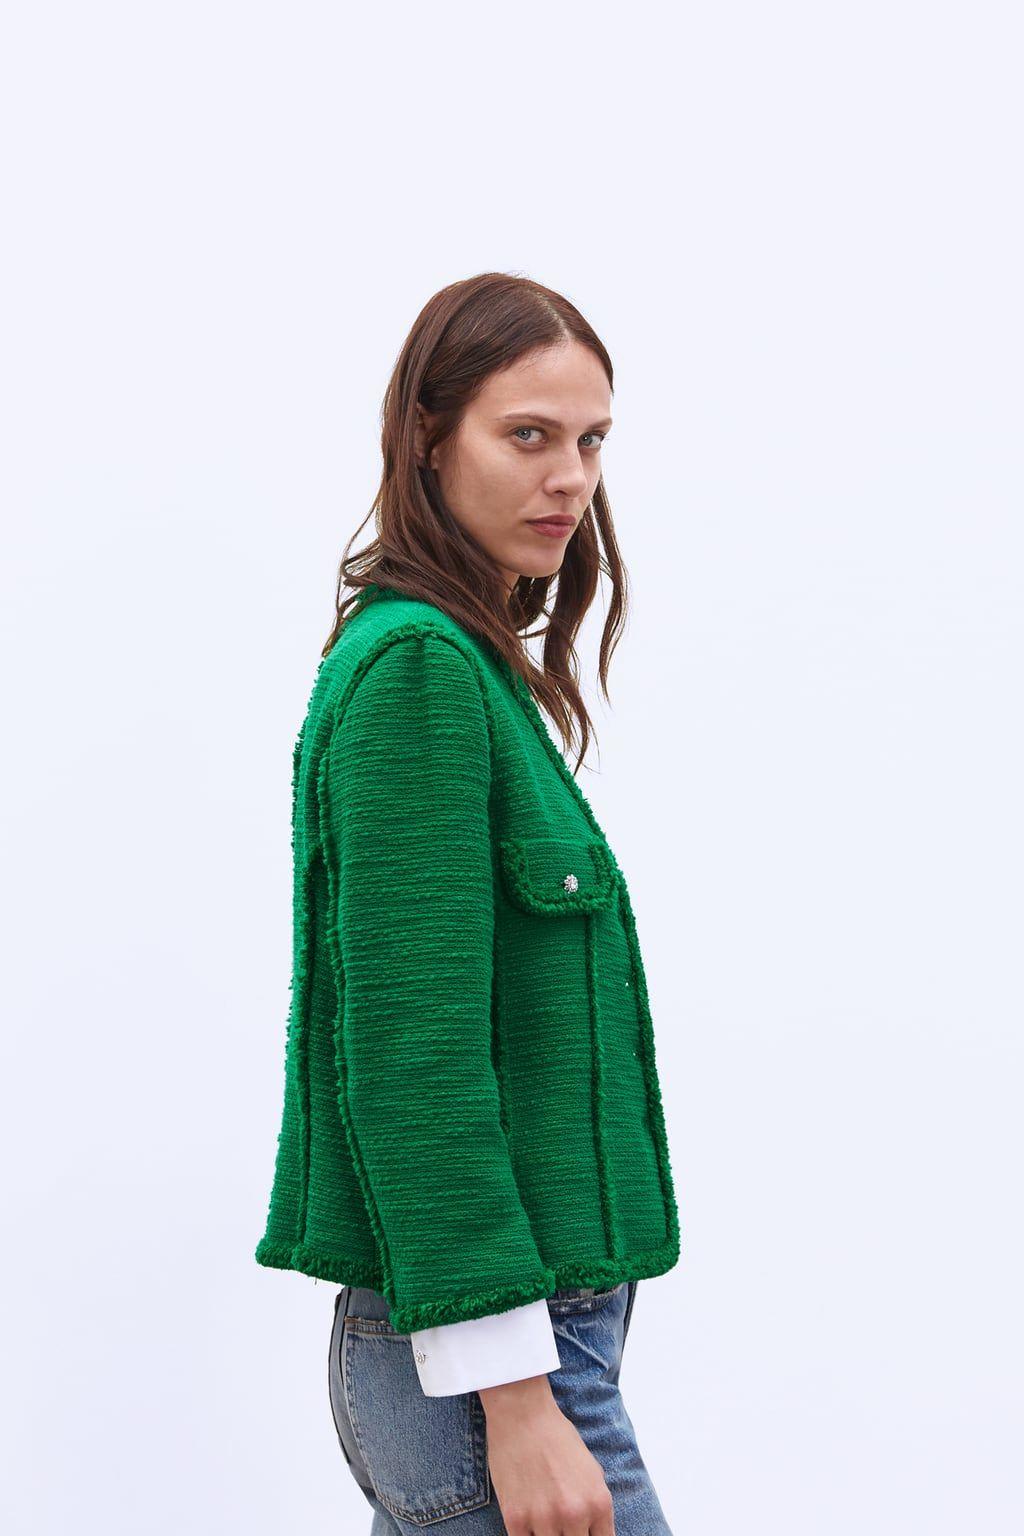 f44b465d73 Jewel button blazer | ♛ Smart Casual ♛ To Buy @ Zara ☀ Spring ...